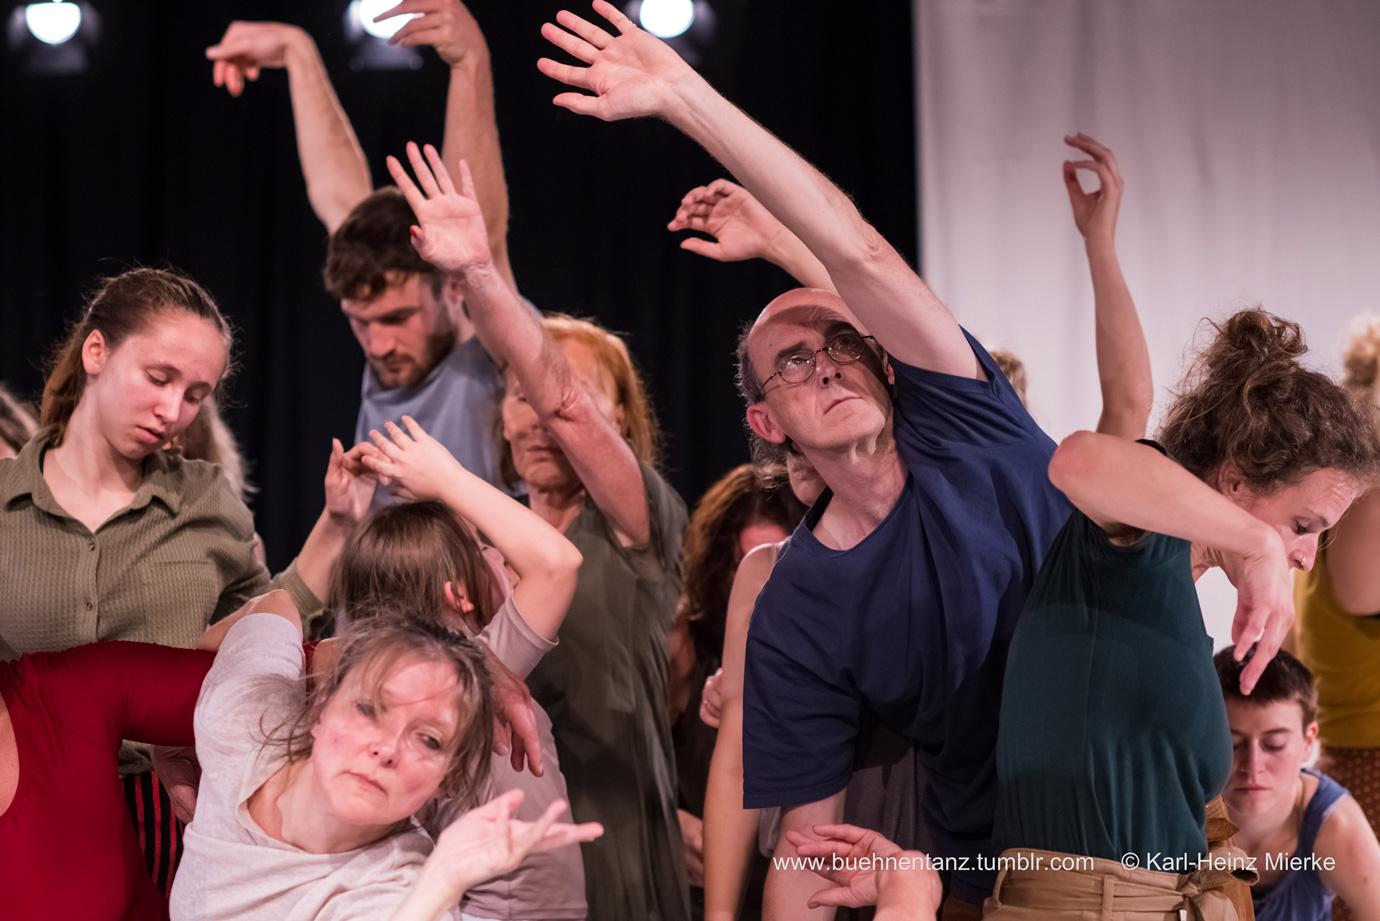 Verworren – Verwurzelt – Identität   - Community Tanz Projekt